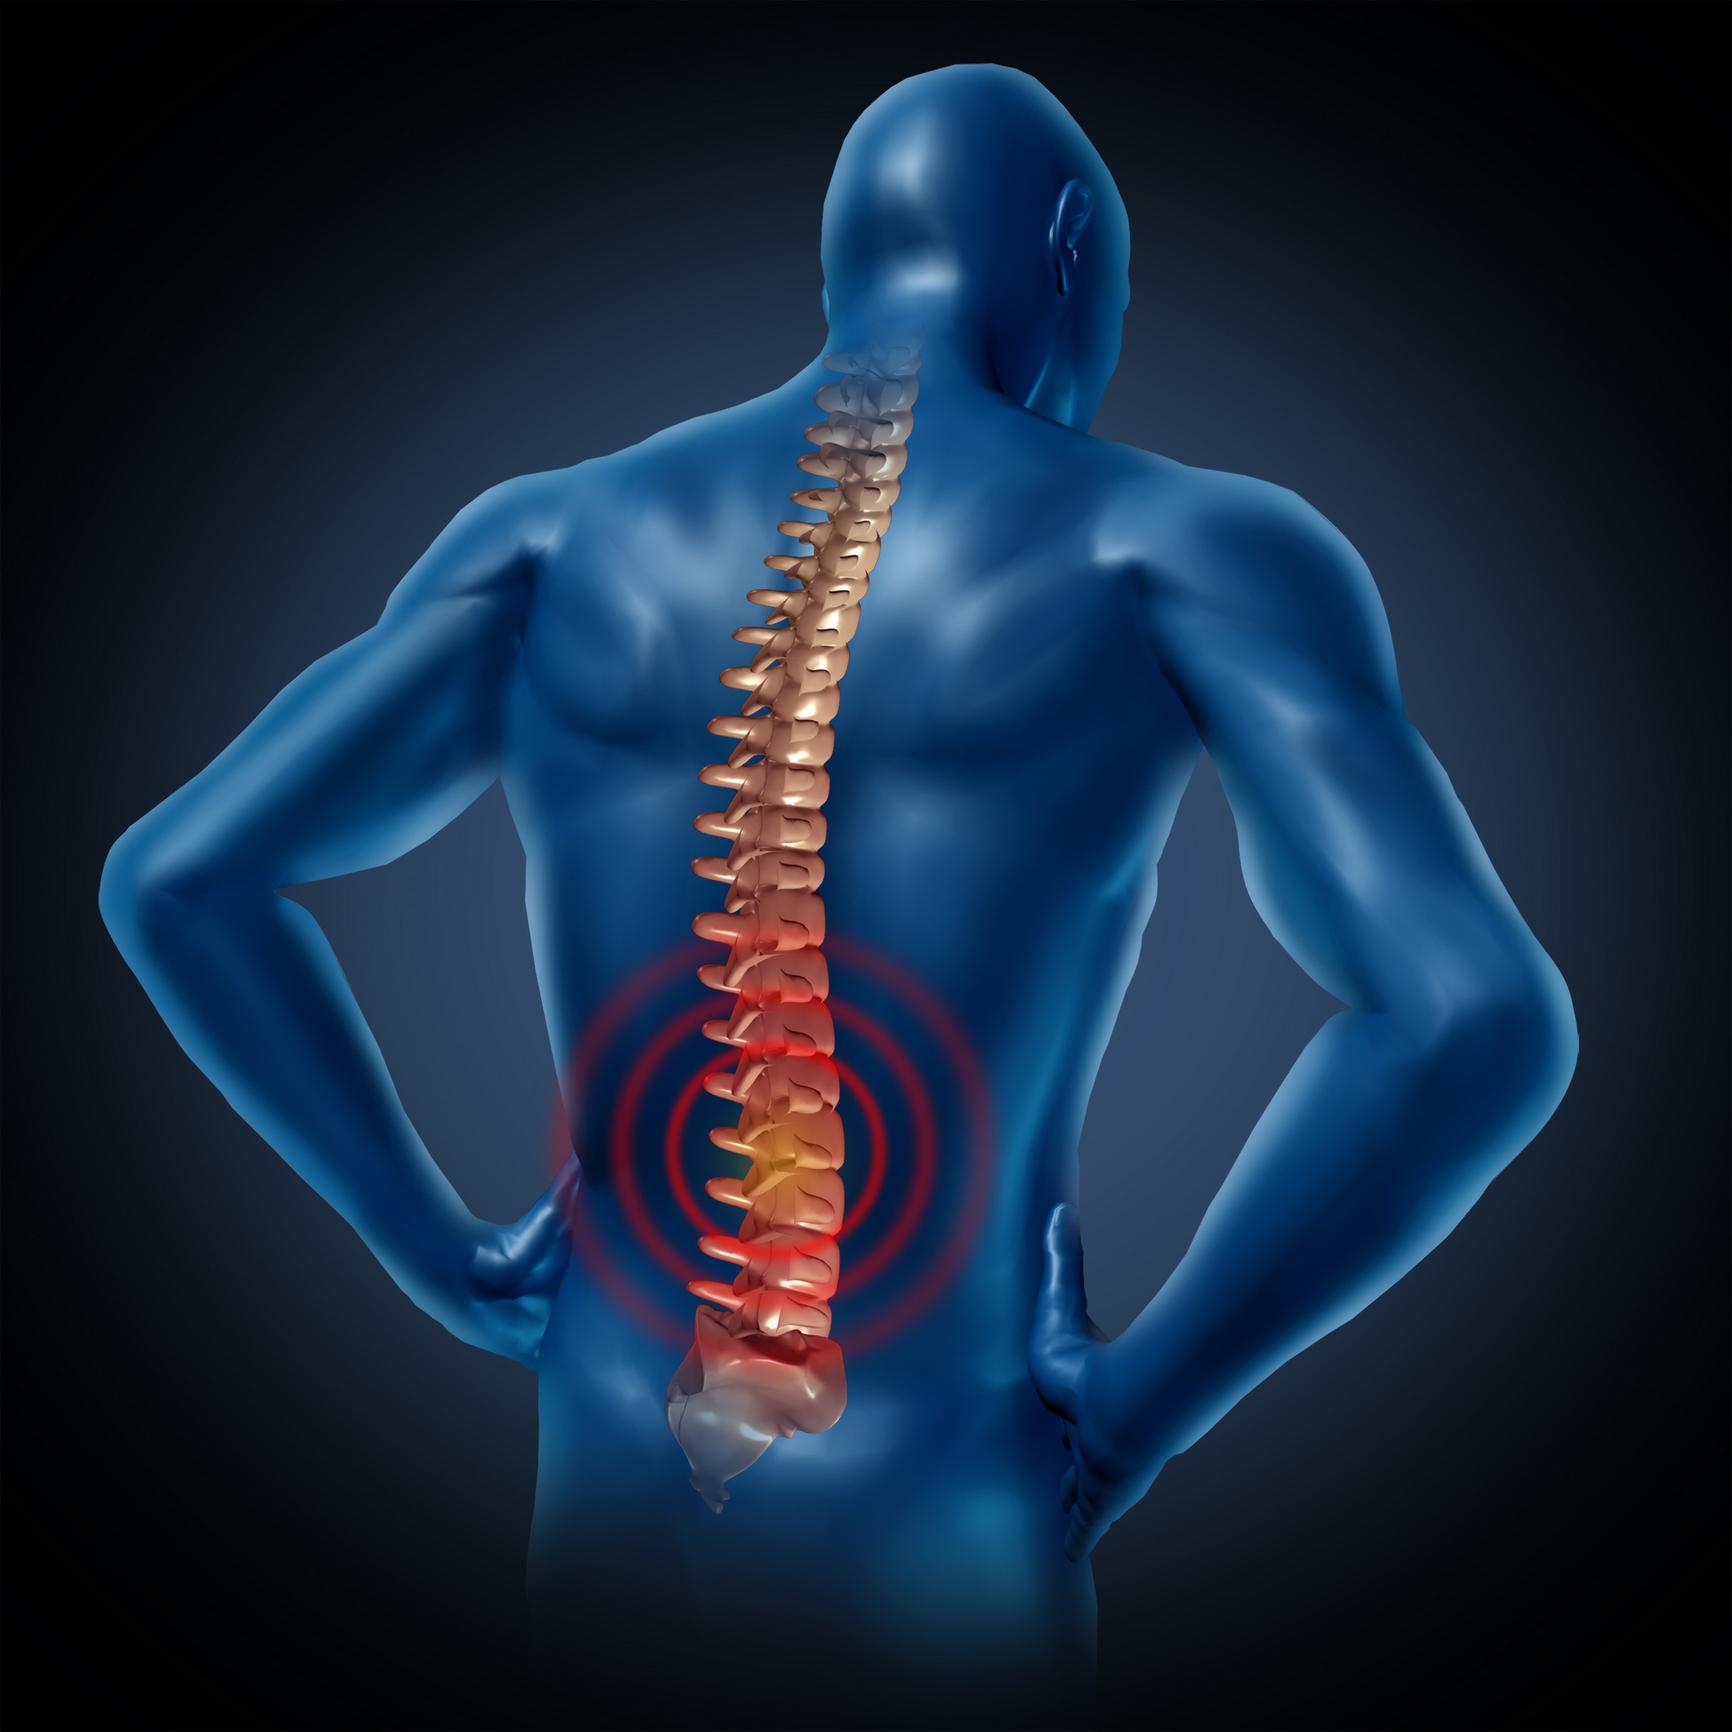 skausmas apatinėje nugaros ir sąnarių priežastys ir gydymas